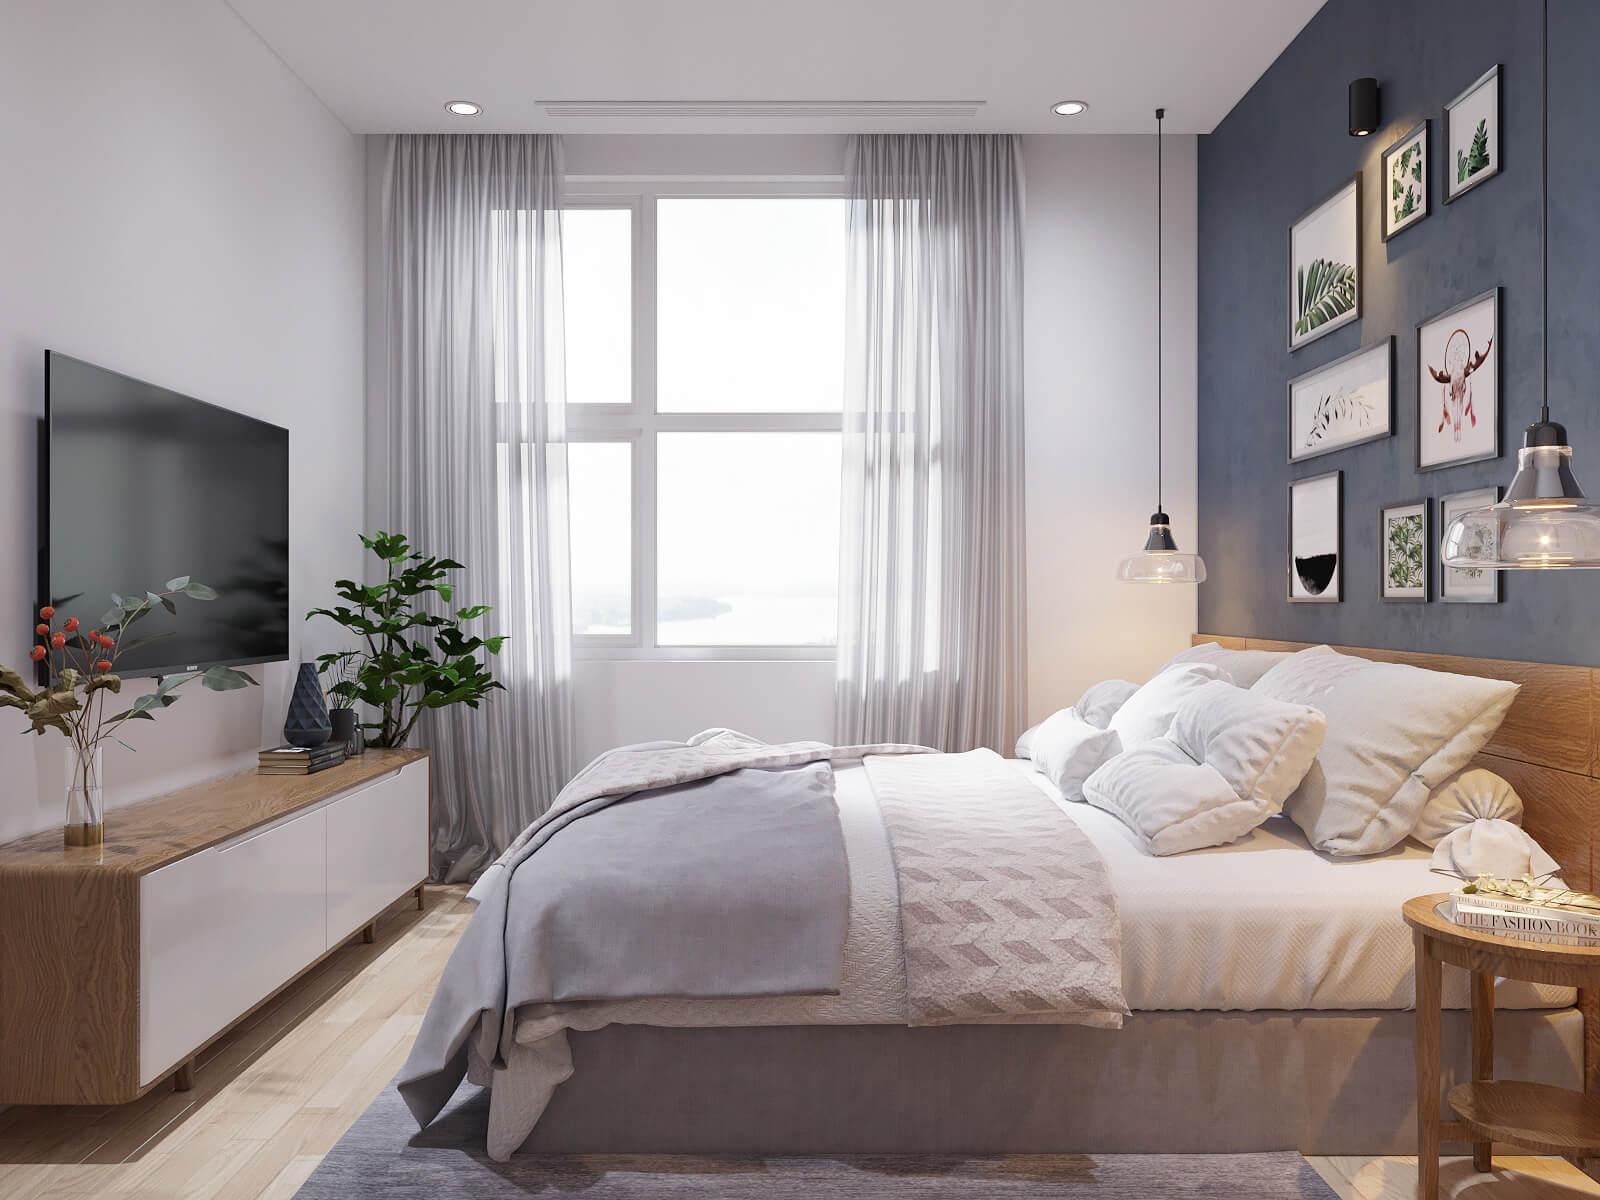 thiết kế nội thất căn hộ chung cư 70m2 8